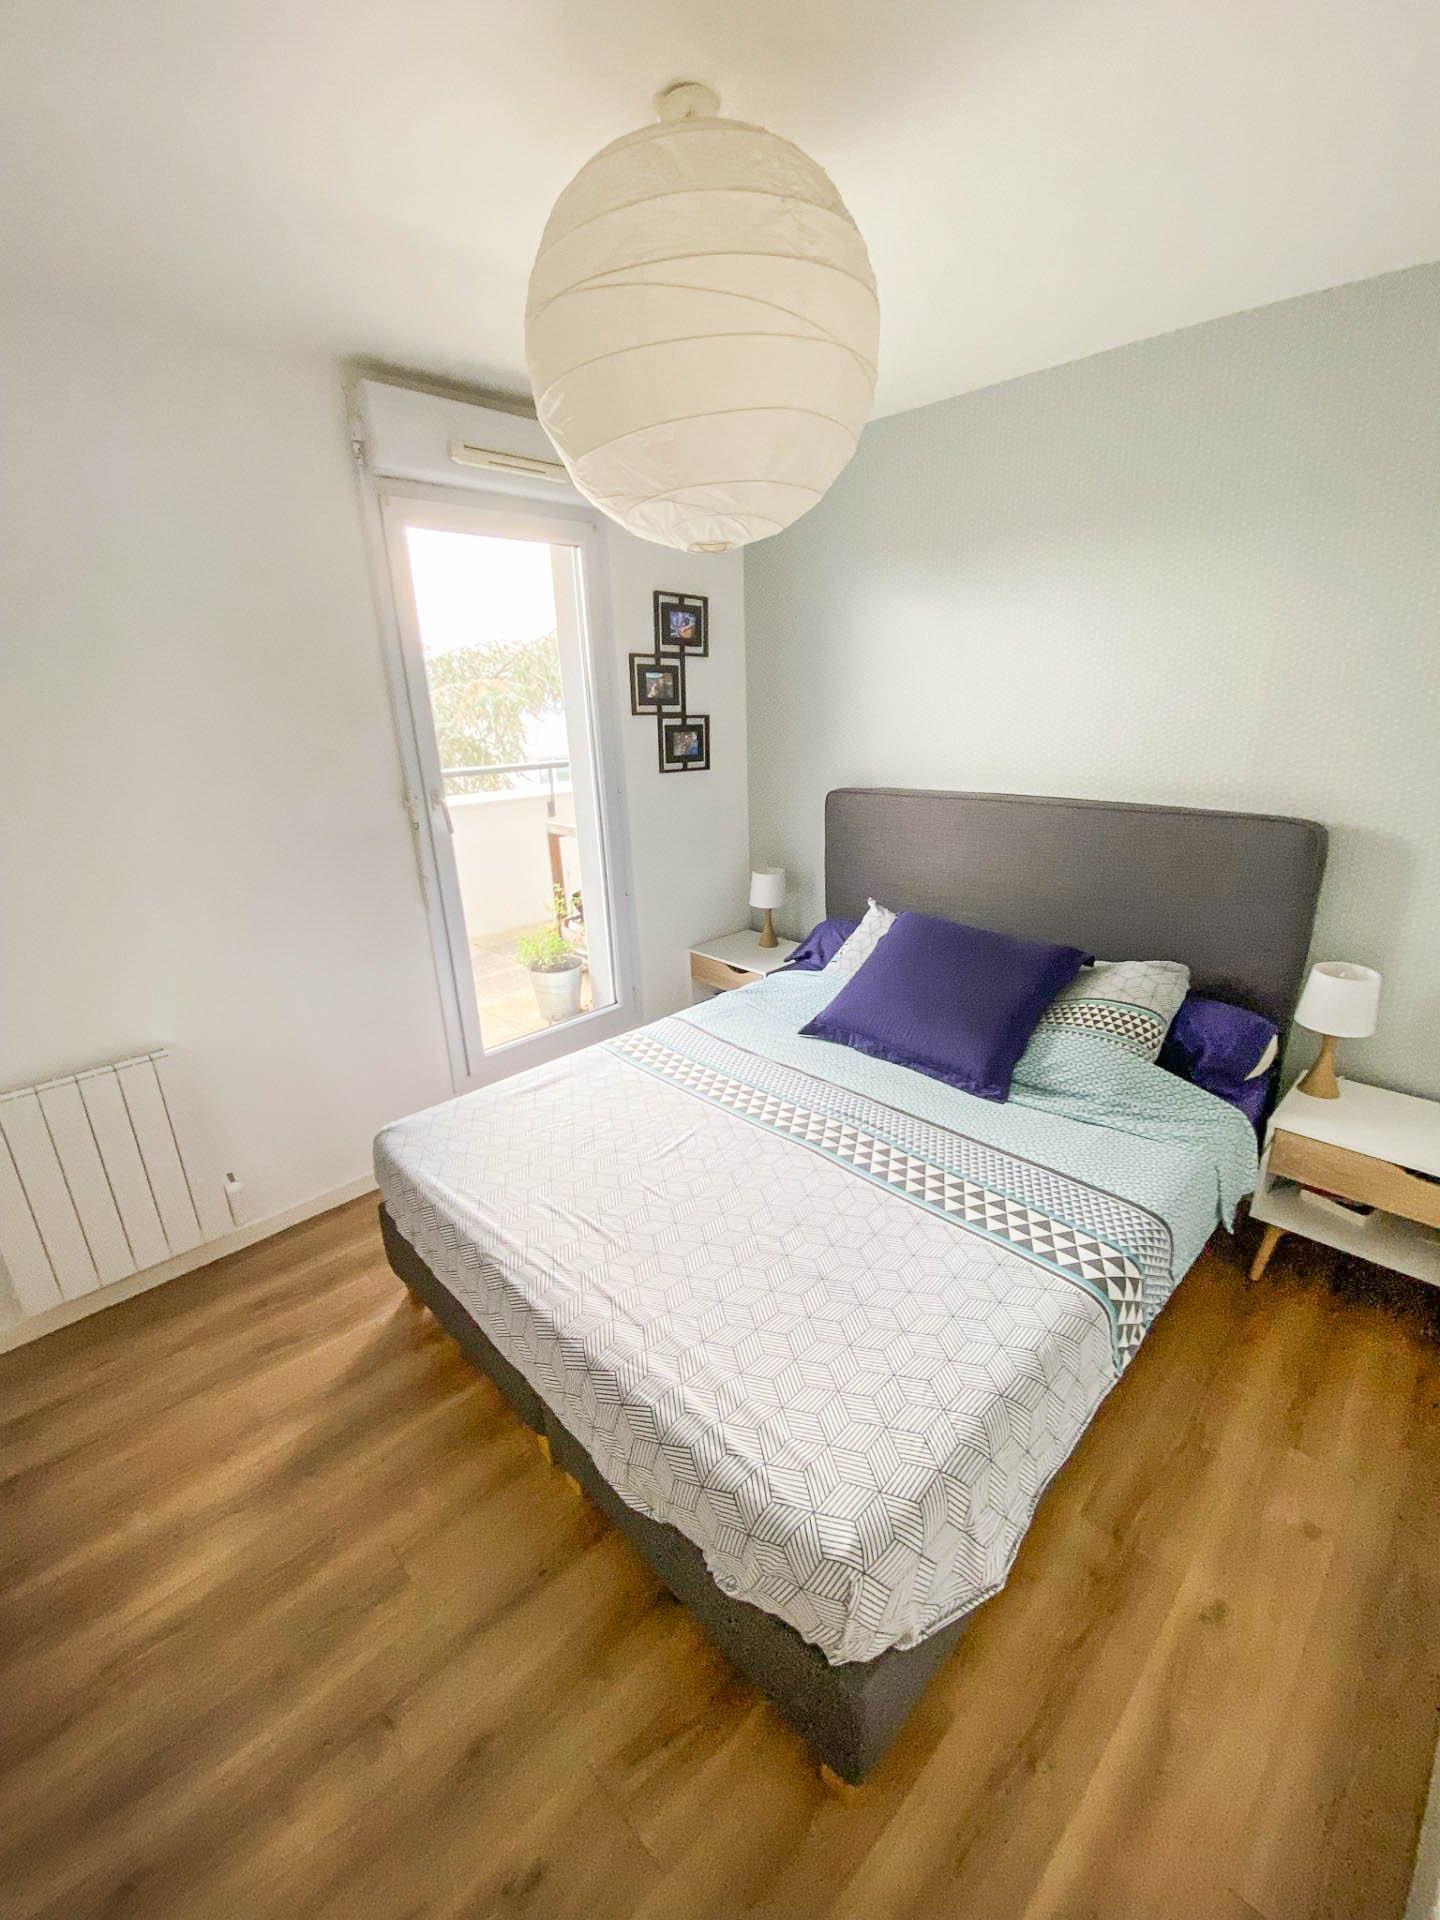 Appartement T3 dans quartier très recherché Nantes Chantenay